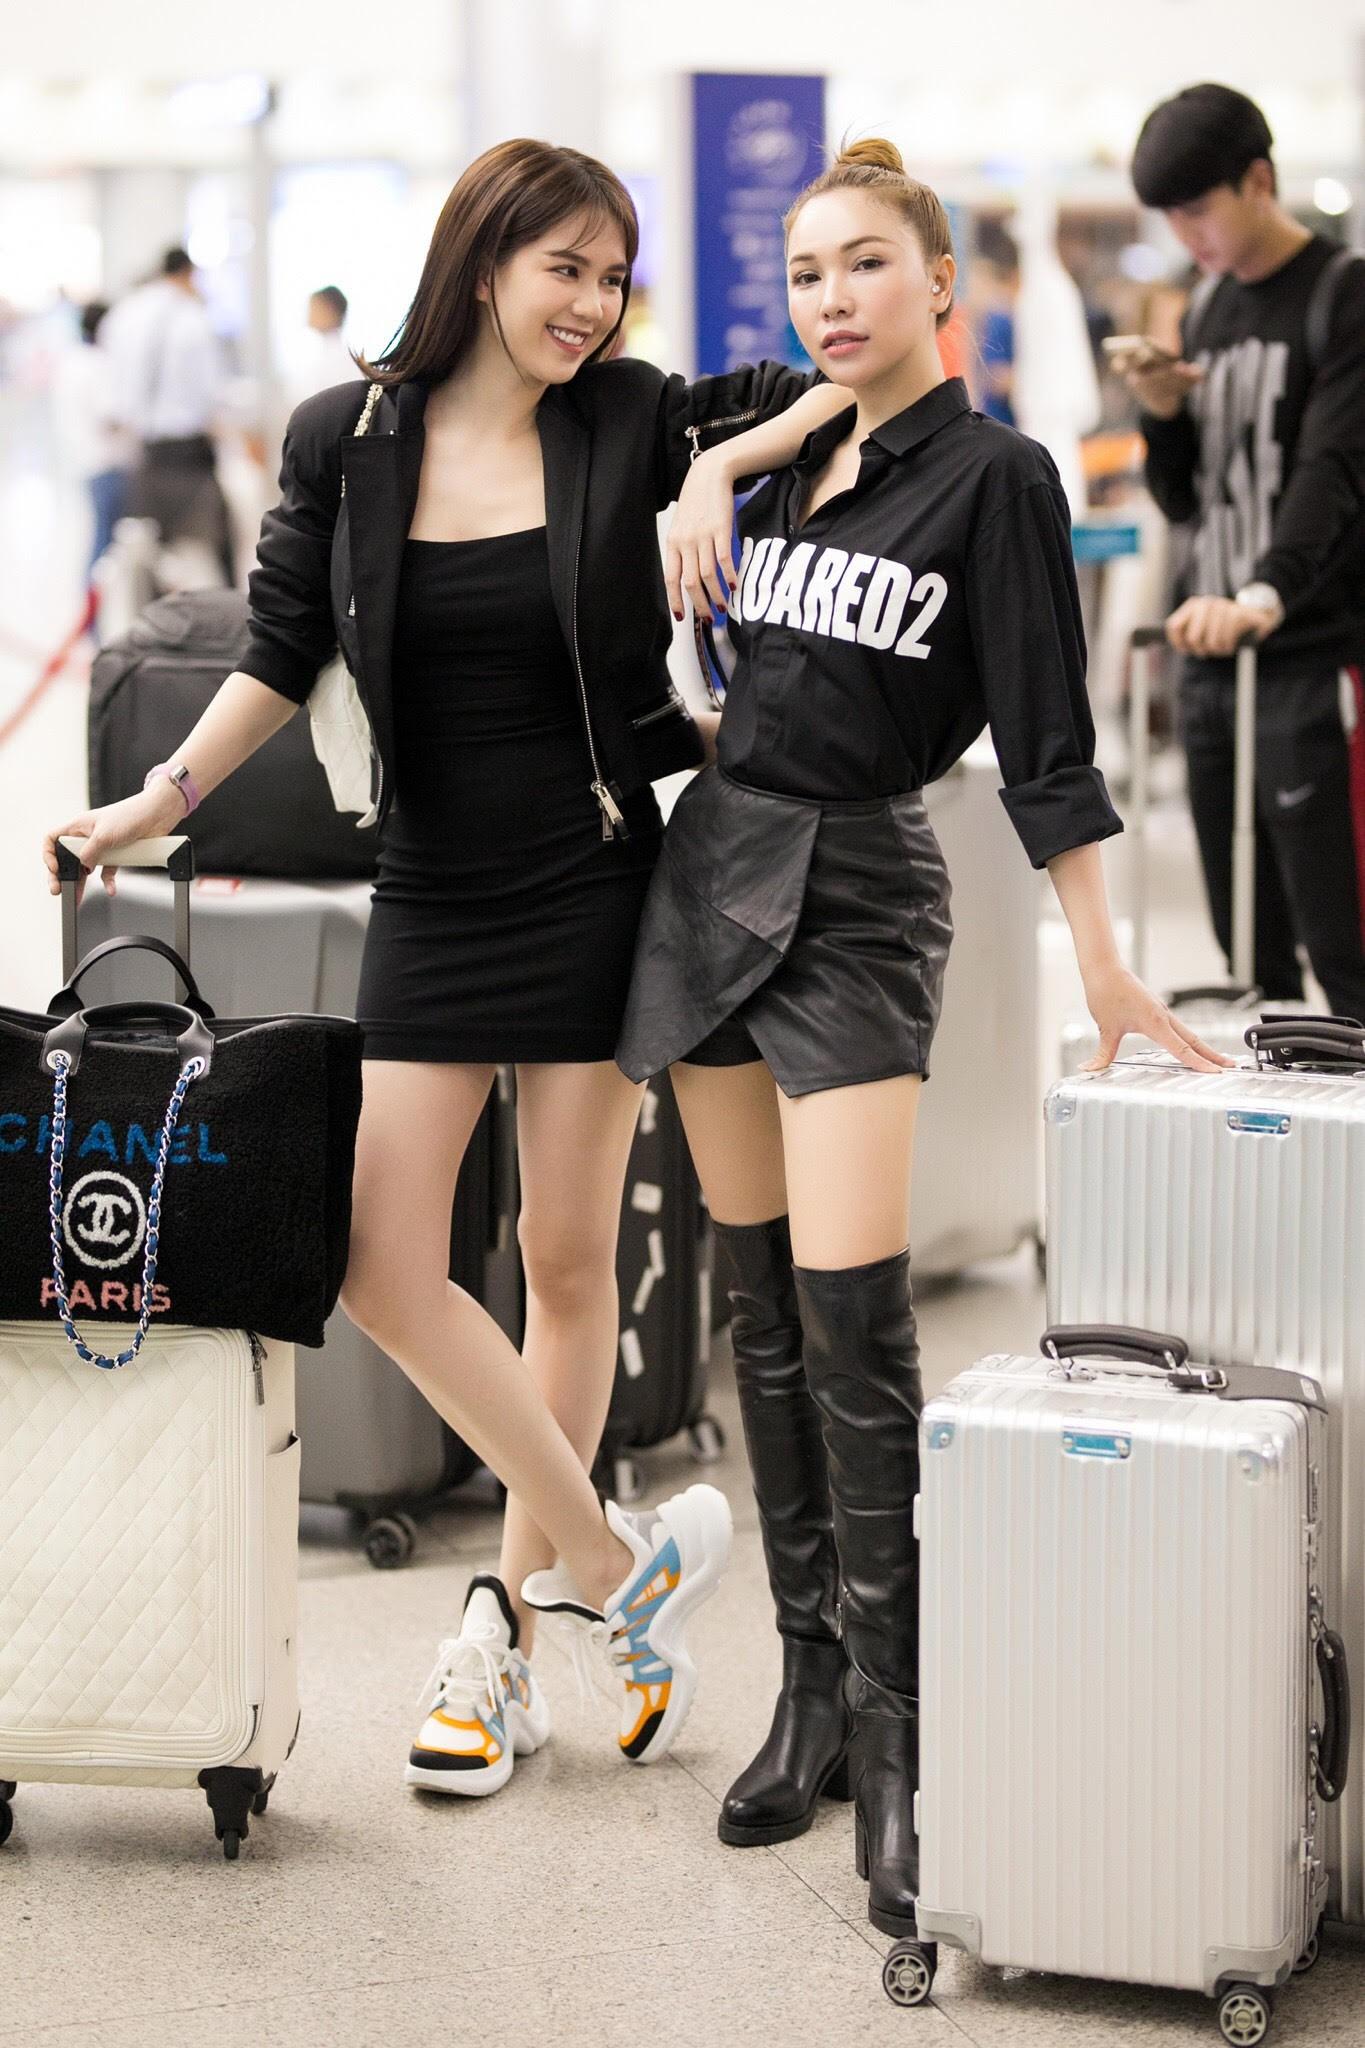 Ngọc Trinh gợi cảm với váy bó sát, Quỳnh Thư diện đồ cá tính lên đường dự Tuần lễ thời trang Milan - Ảnh 5.